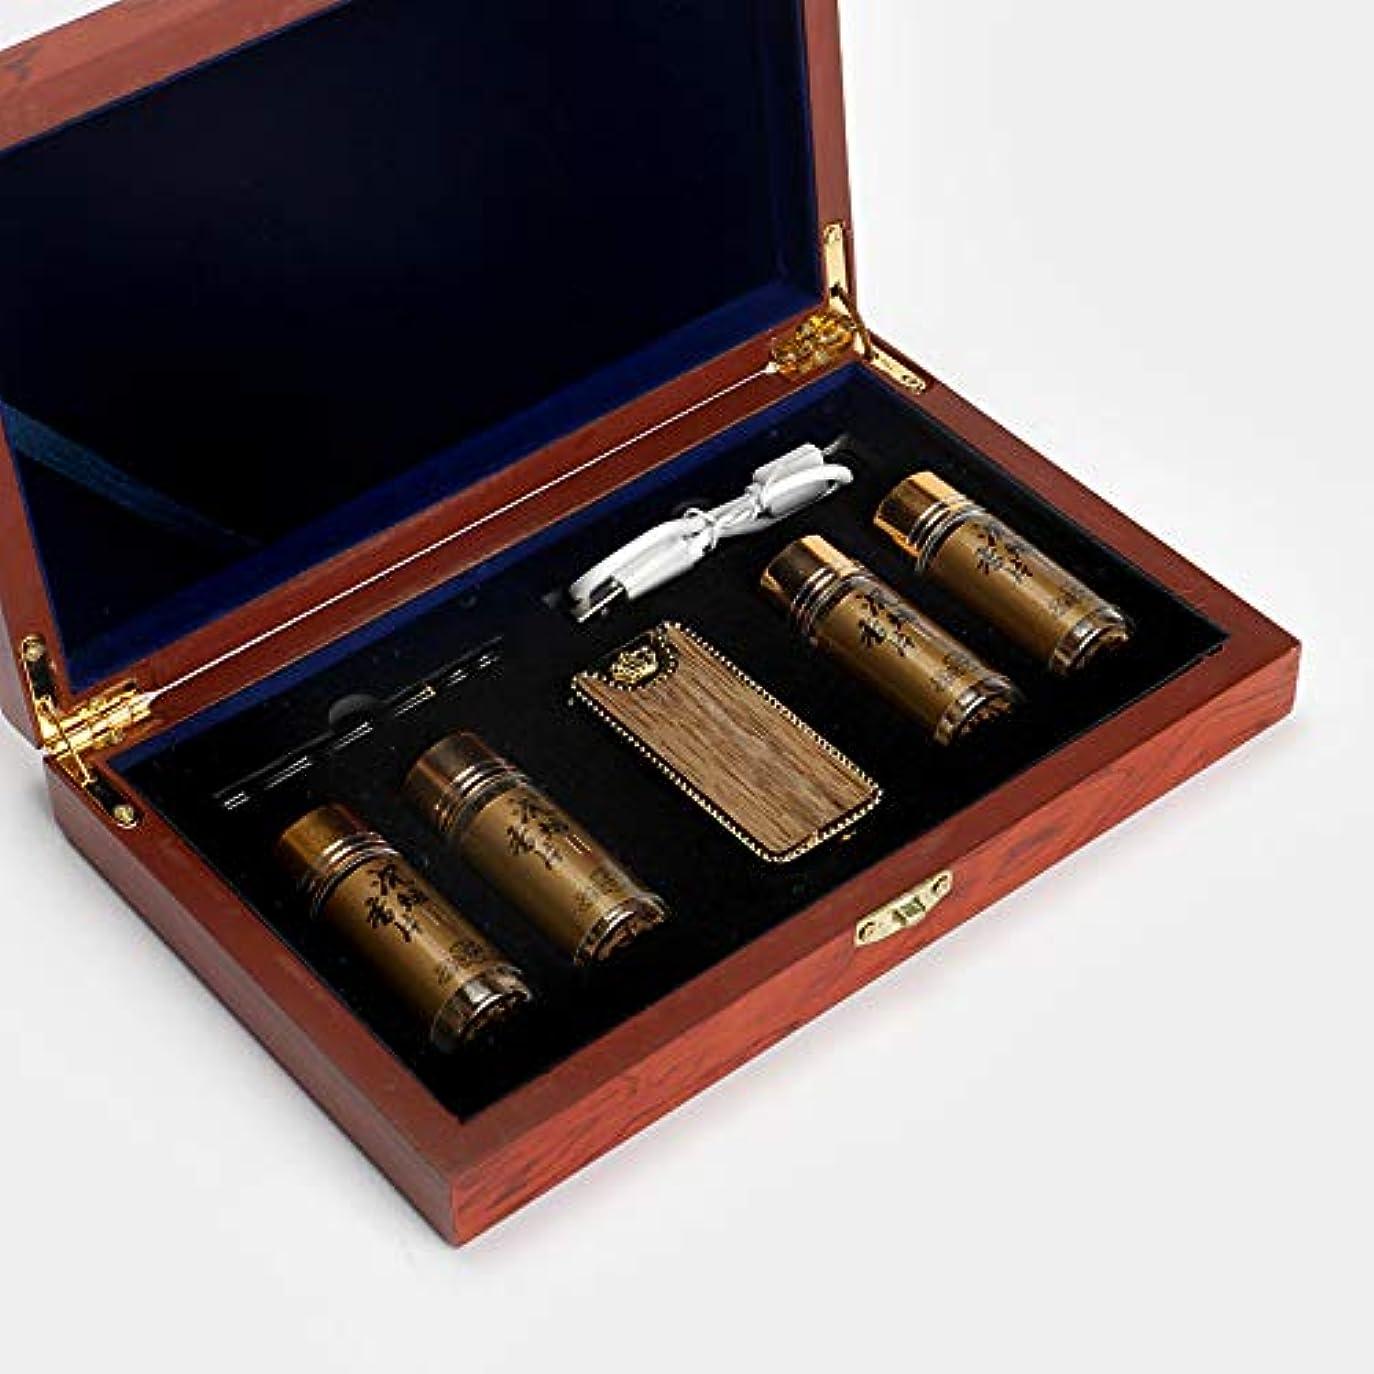 グリース集中ステージDiatems - 五郎クラフトベトナムニャチャンシェンタバコの煙を挿入ギフトボックスShenxiang錠4本のボトル包装